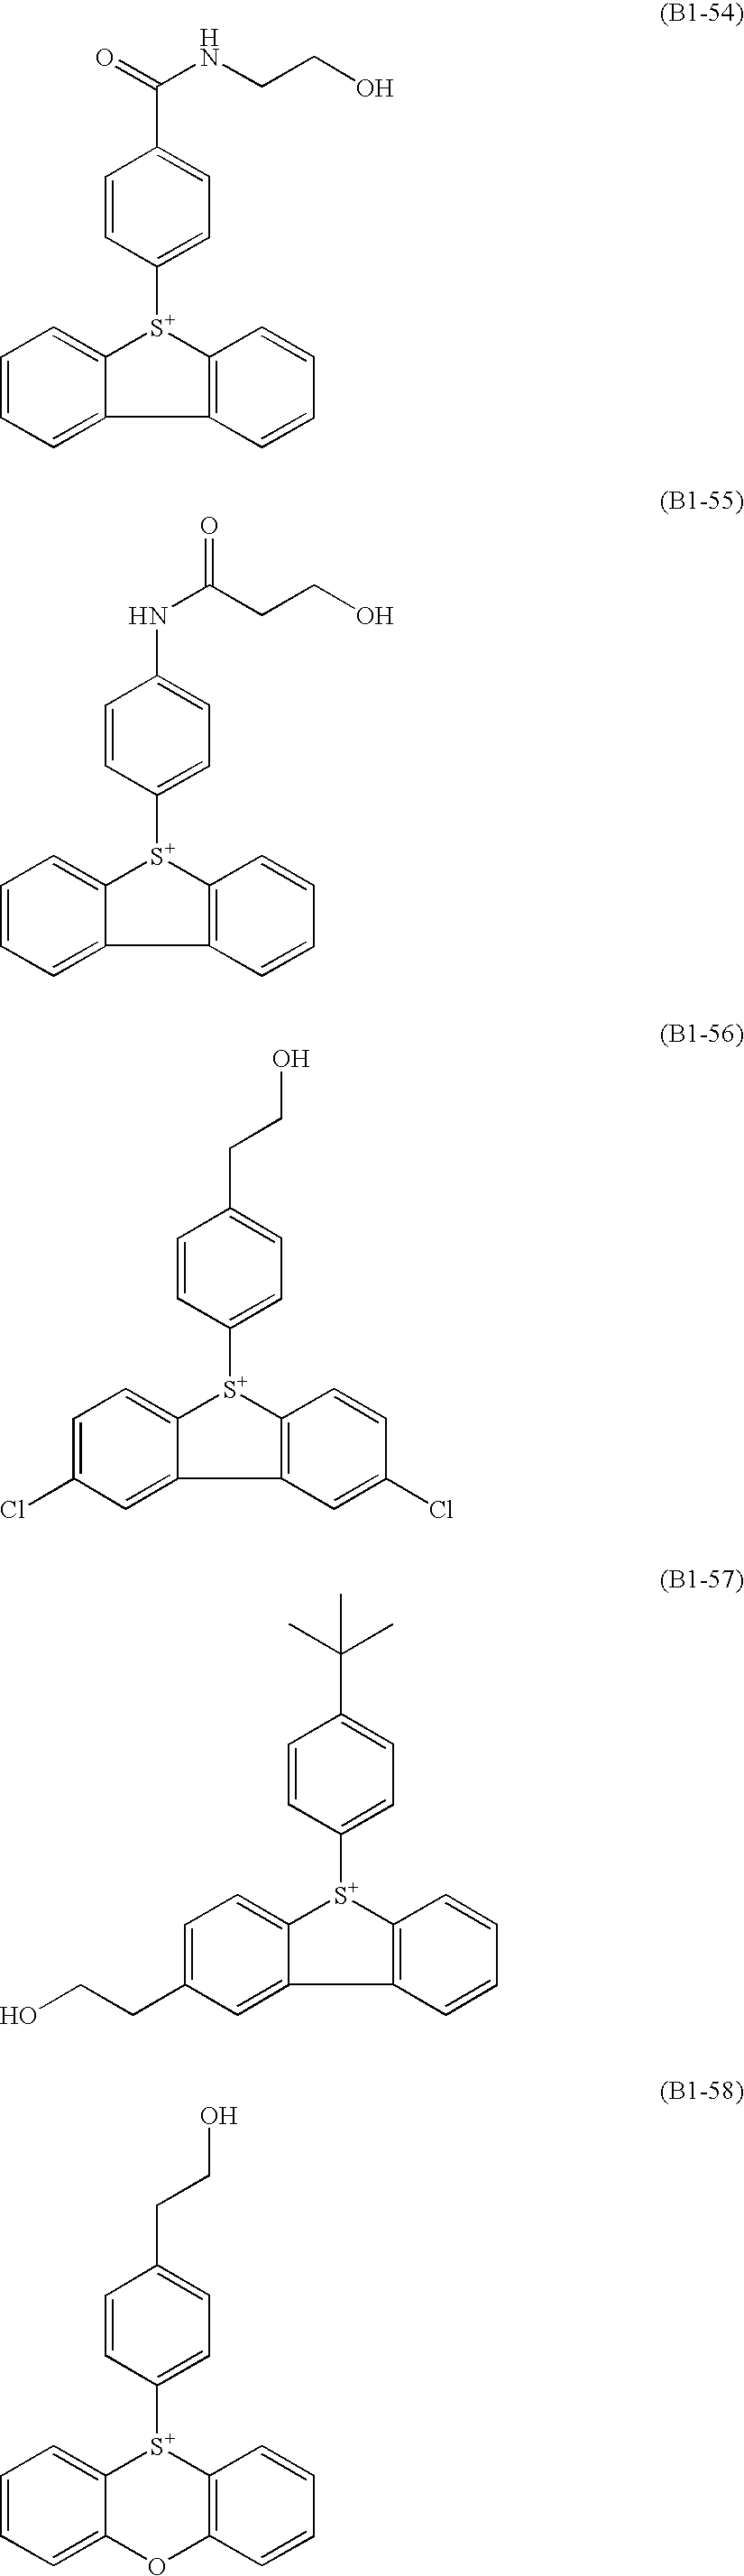 Figure US08852845-20141007-C00021